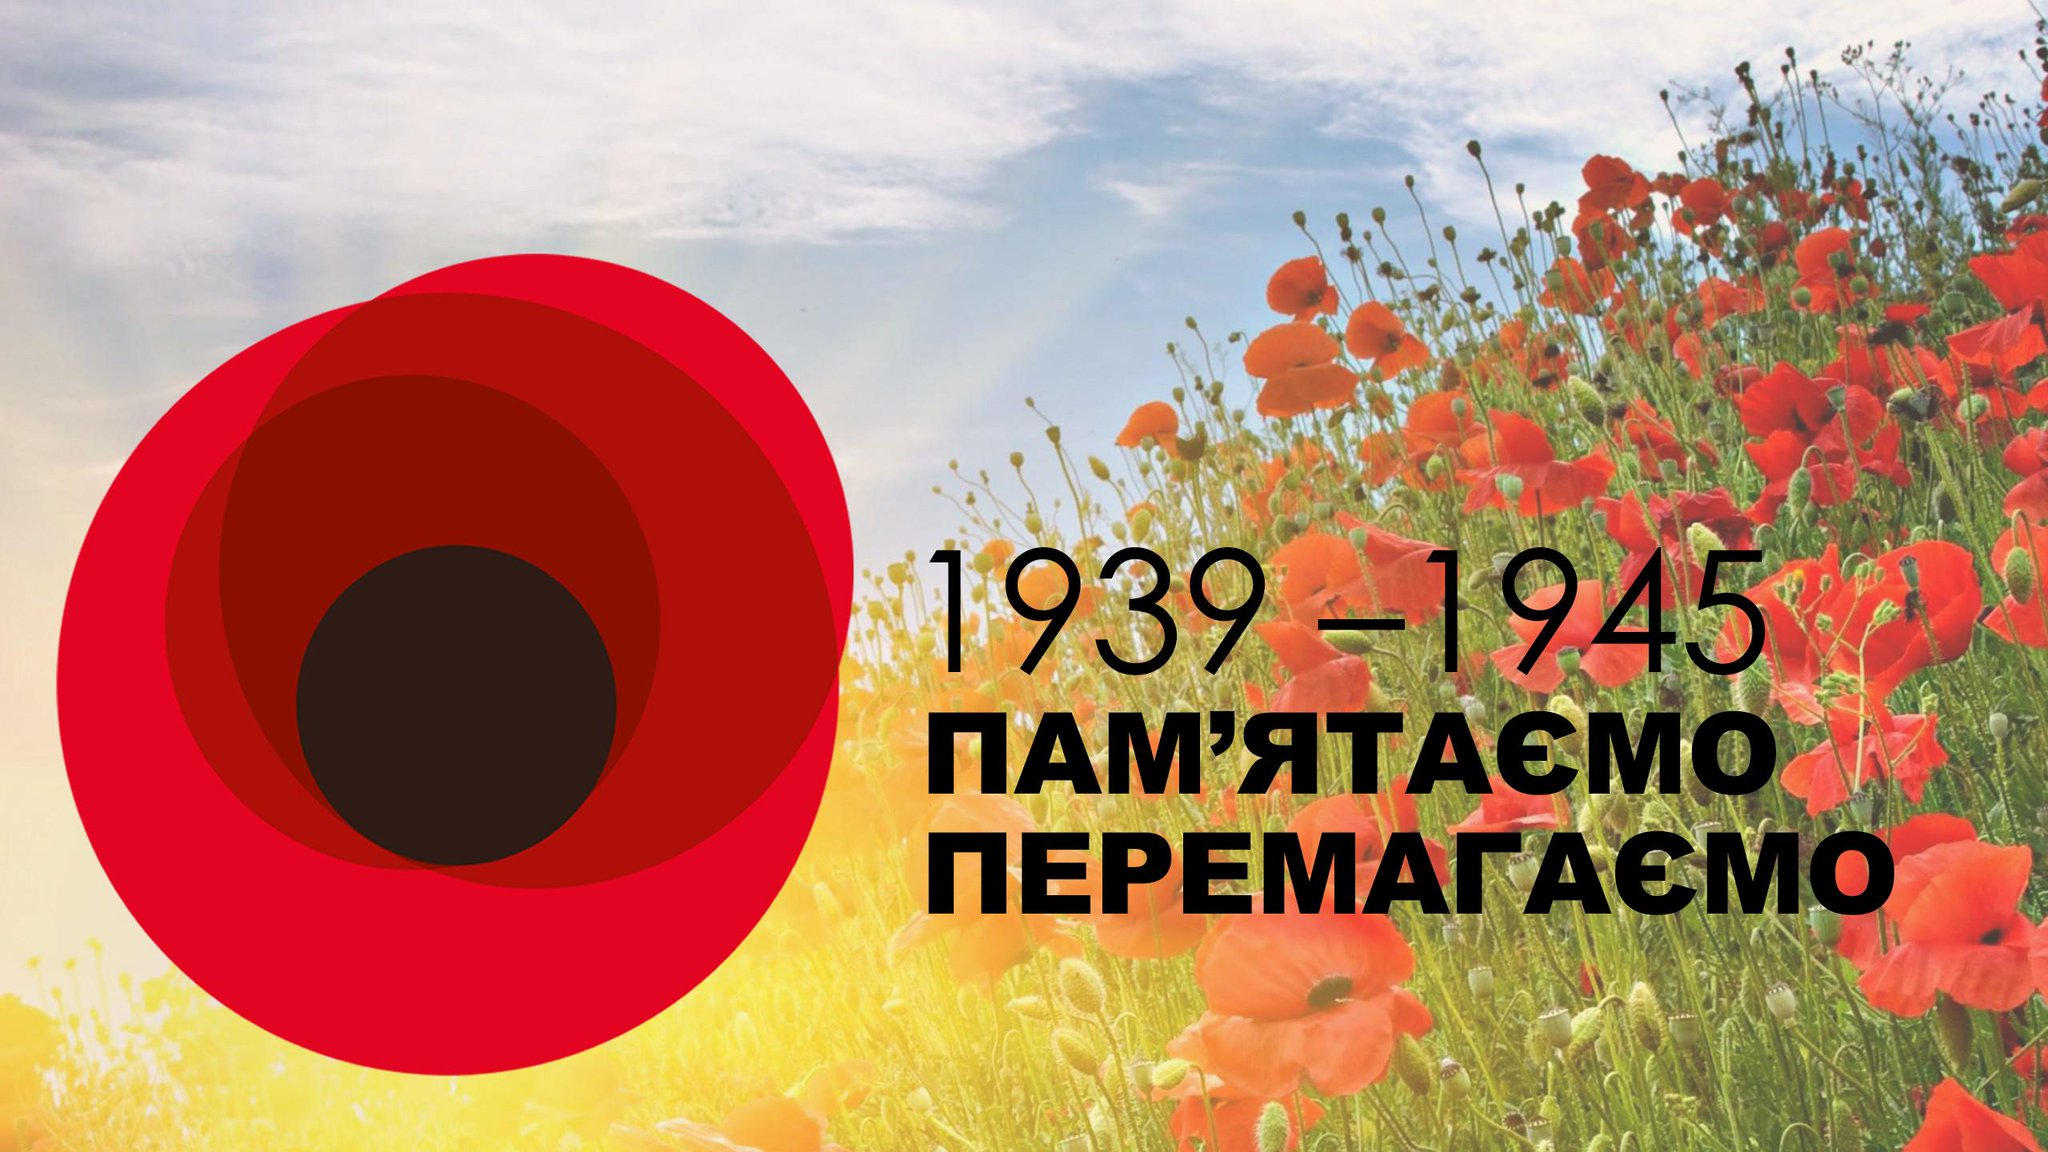 Порошенко поручил Кабмину создать оргкомитет по празднованию Дня памяти и примирения и Дня Победы - Цензор.НЕТ 2045